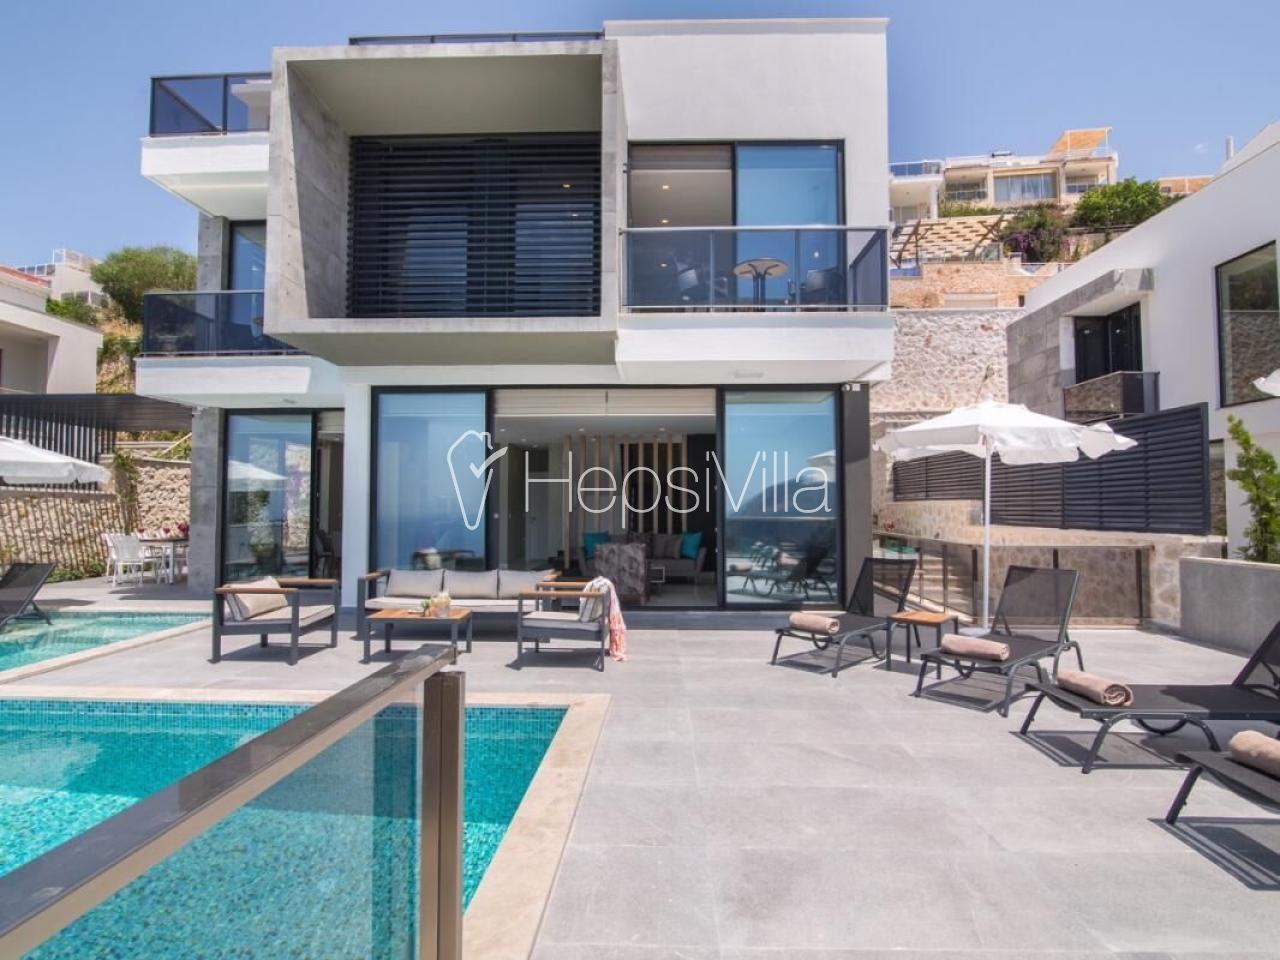 Villa İnstyle,Kalamar'da Konumlanmış Lüks Deniz Manzaralı Villa - Hepsi Villa